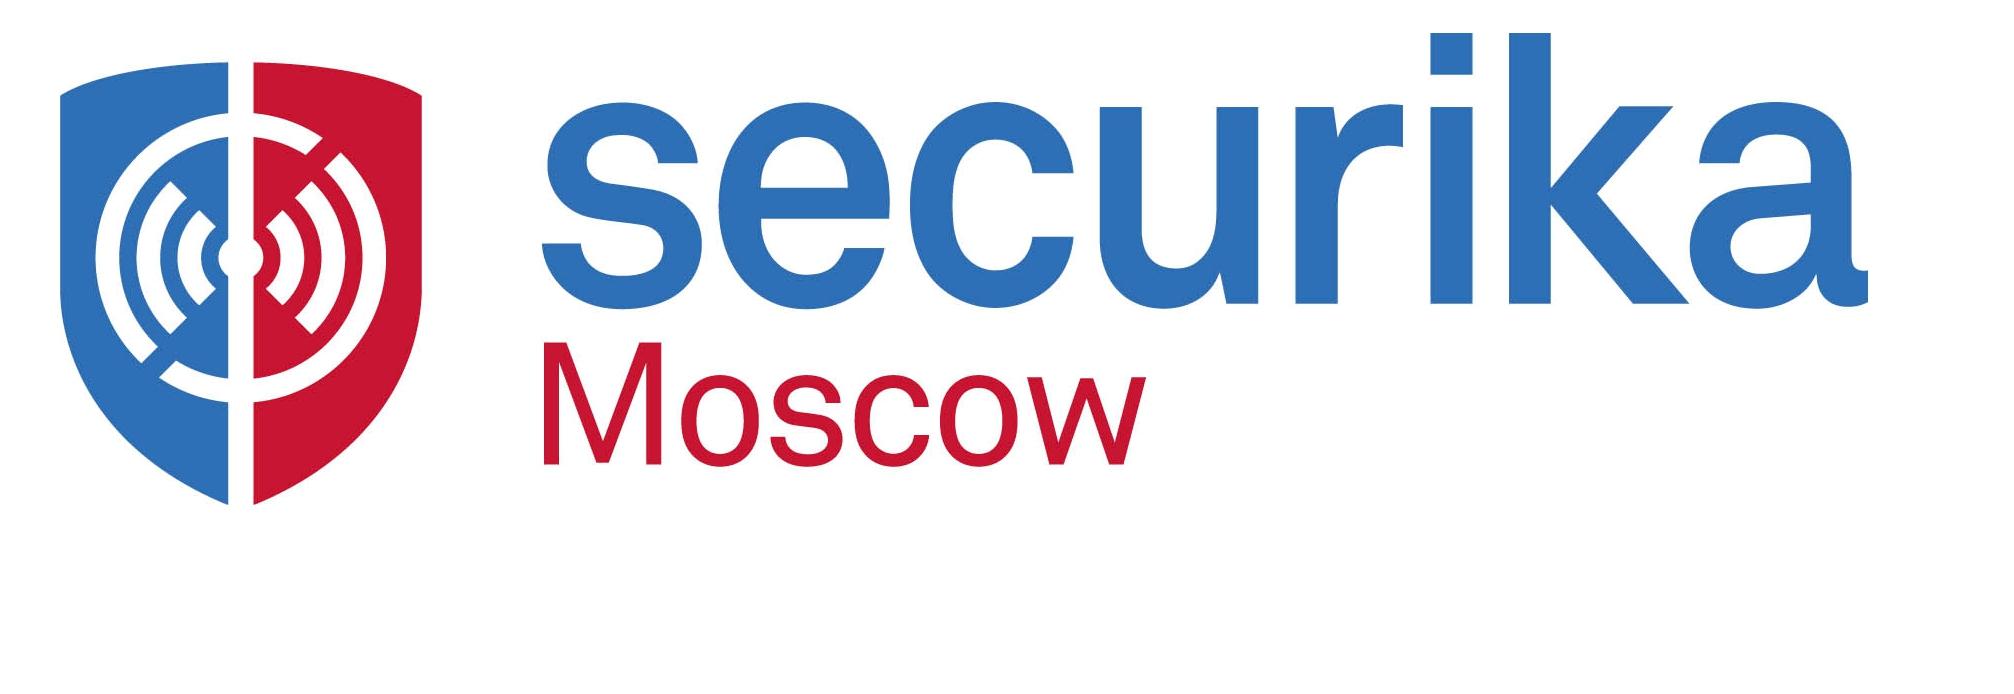 ООО «ЦИТ-Плюс» приглашает на свой стенд на выставке «Securika Moscow-2021»